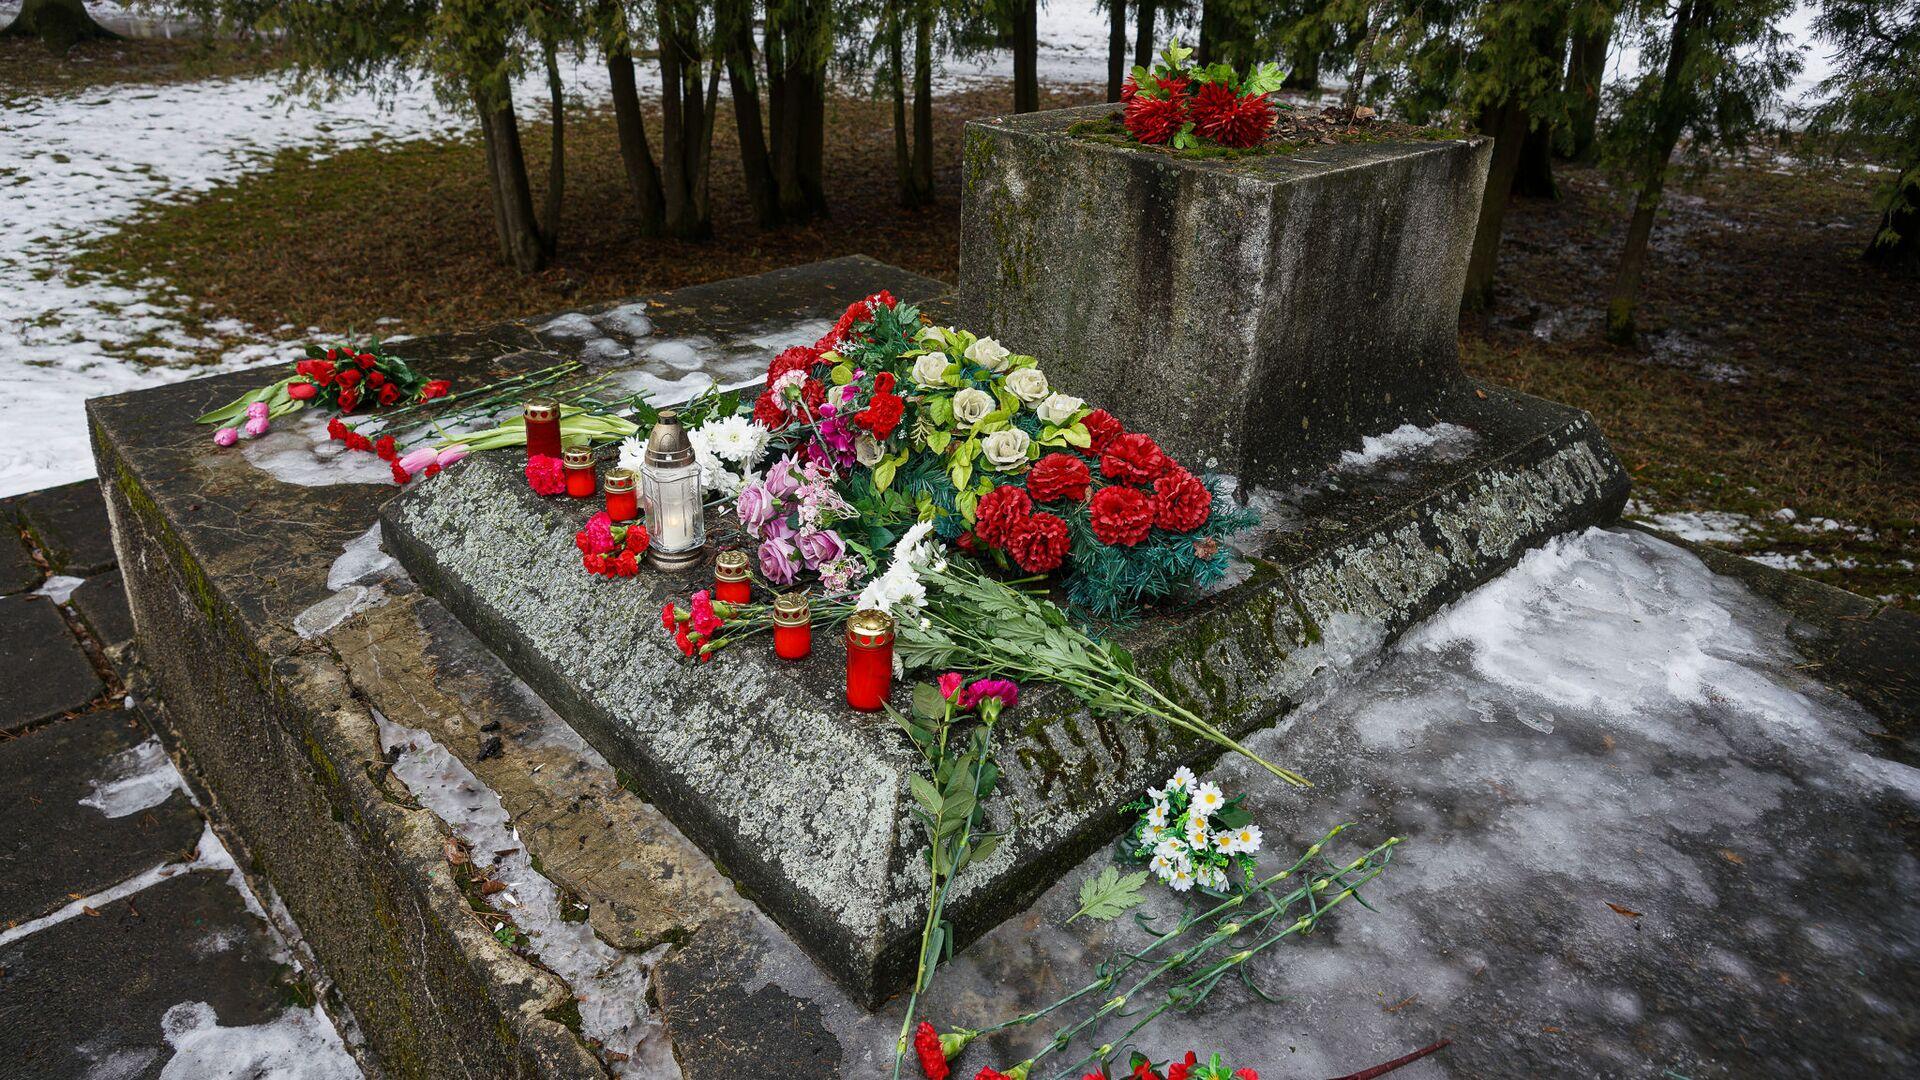 В ночь на 24 февраля в Екабпилсе вандалы украли пушку ЗиС-3 с могилы героев-освободителей Екабпилса от нацистских захватчиков - Sputnik Латвия, 1920, 26.02.2021